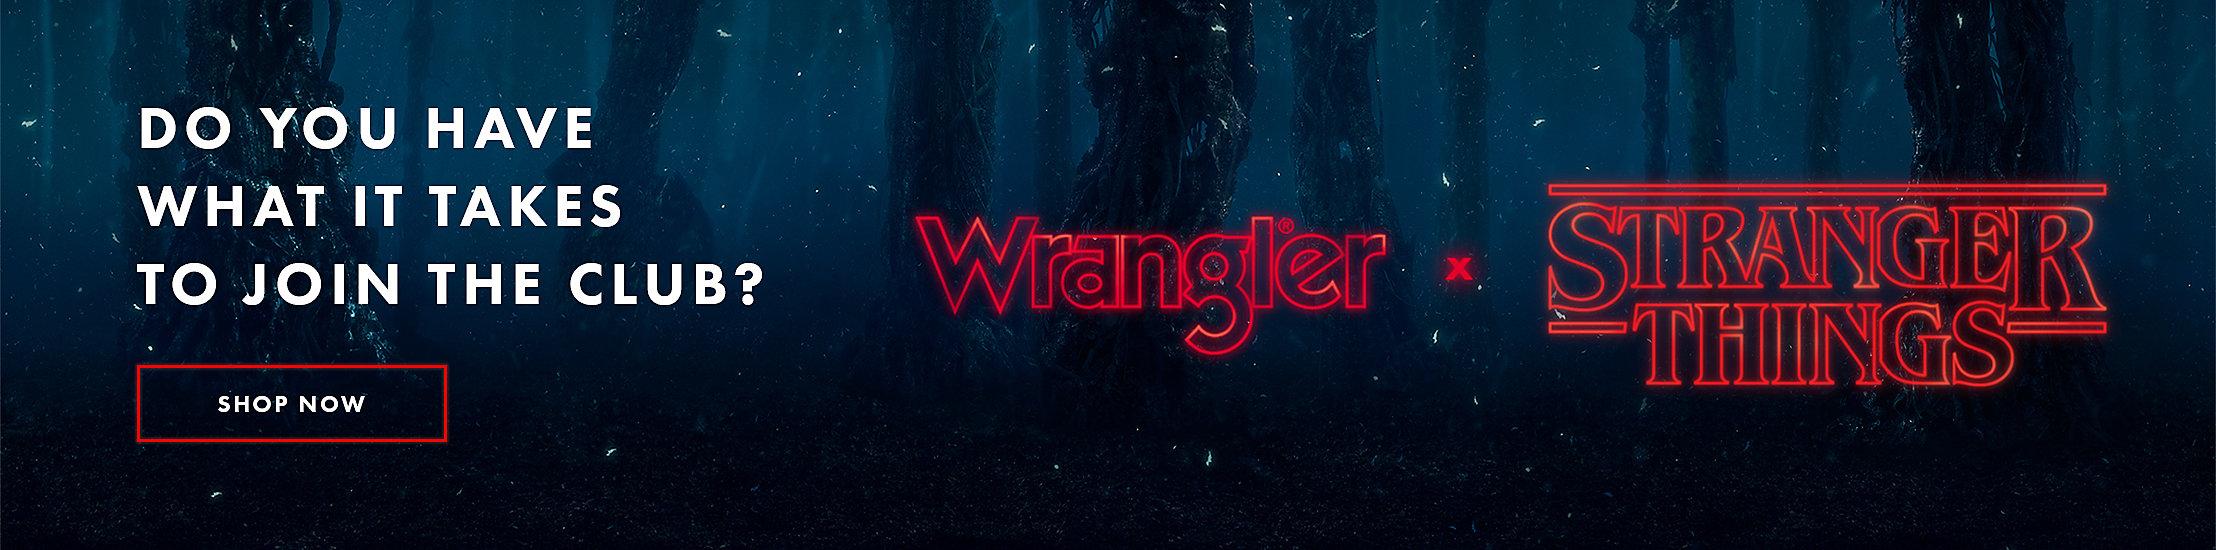 WRANGLER x STRANGER THINGS | SHOP NOW